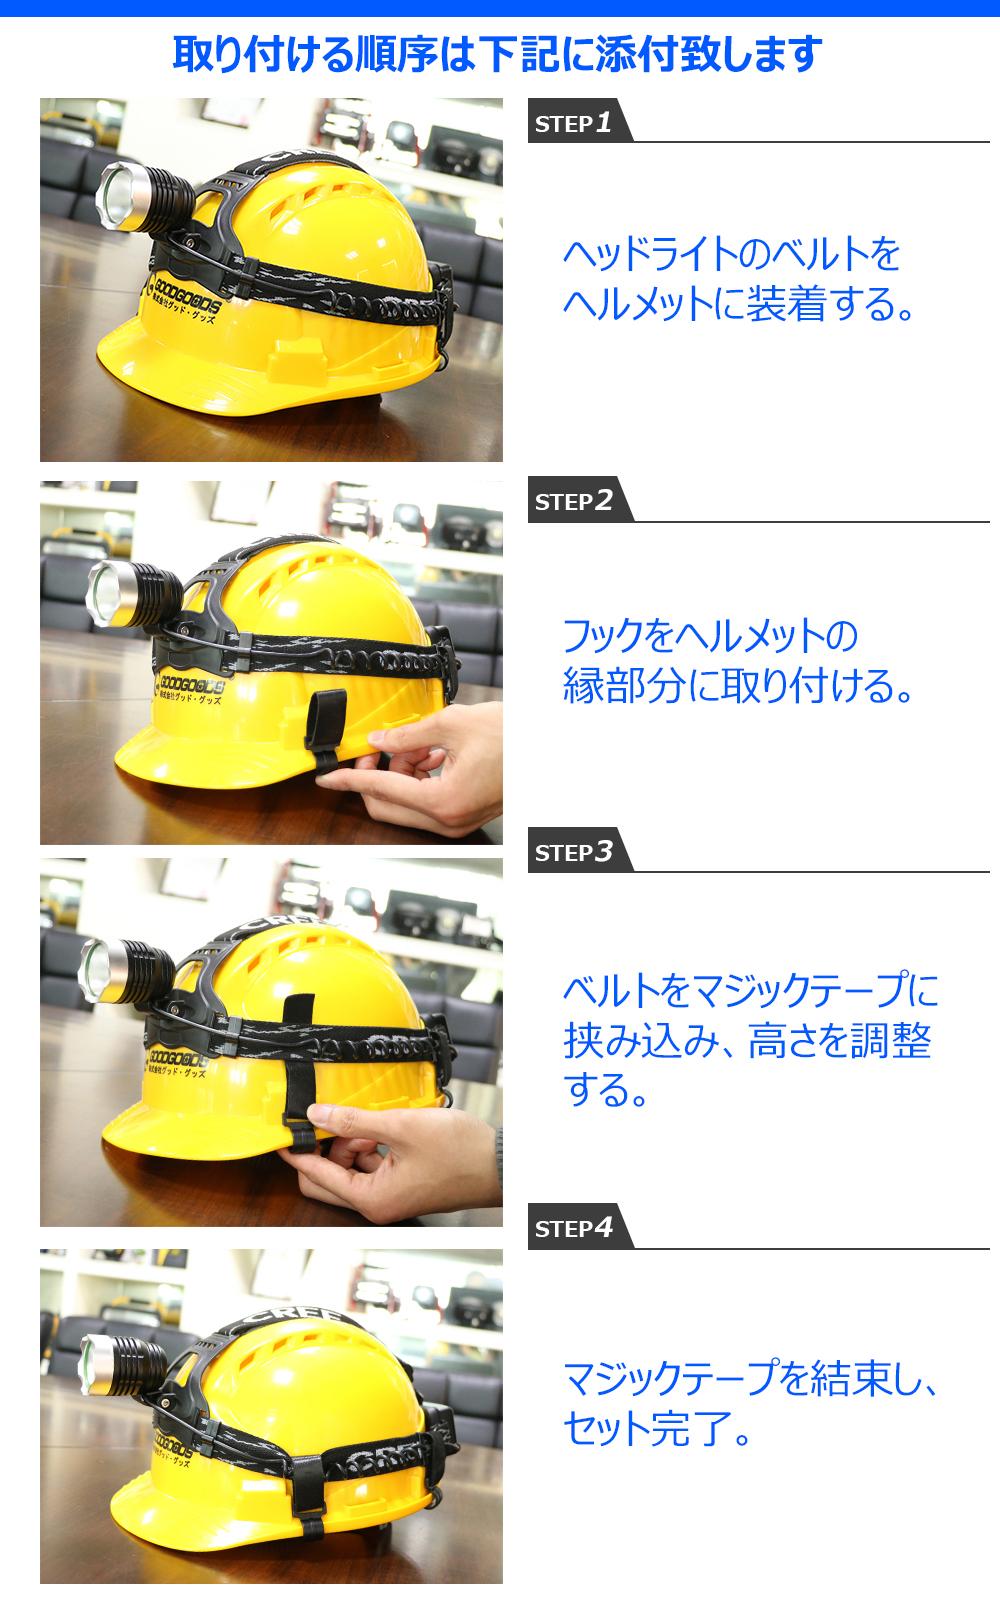 ヘルメットホルダー  LEDヘッドライト用 4個入り 固定バンド バンドホルダー  安全帽適用 バンド固定用 バンド調節可能